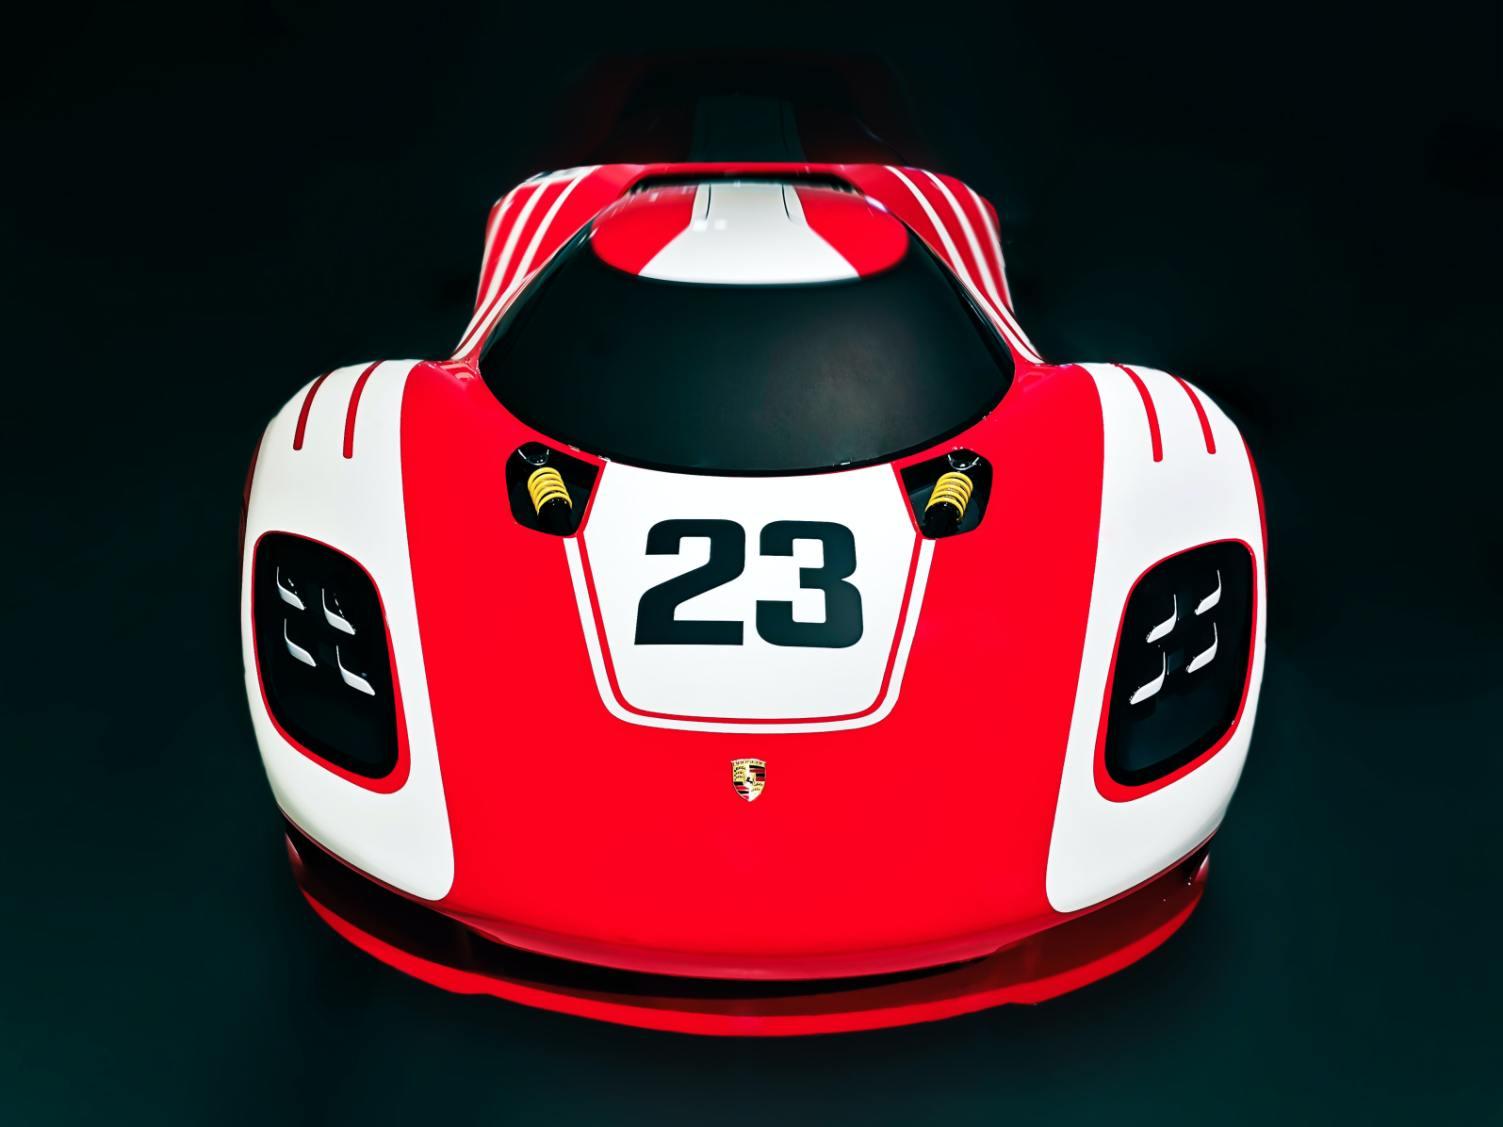 Red Porsche 917 - Original image